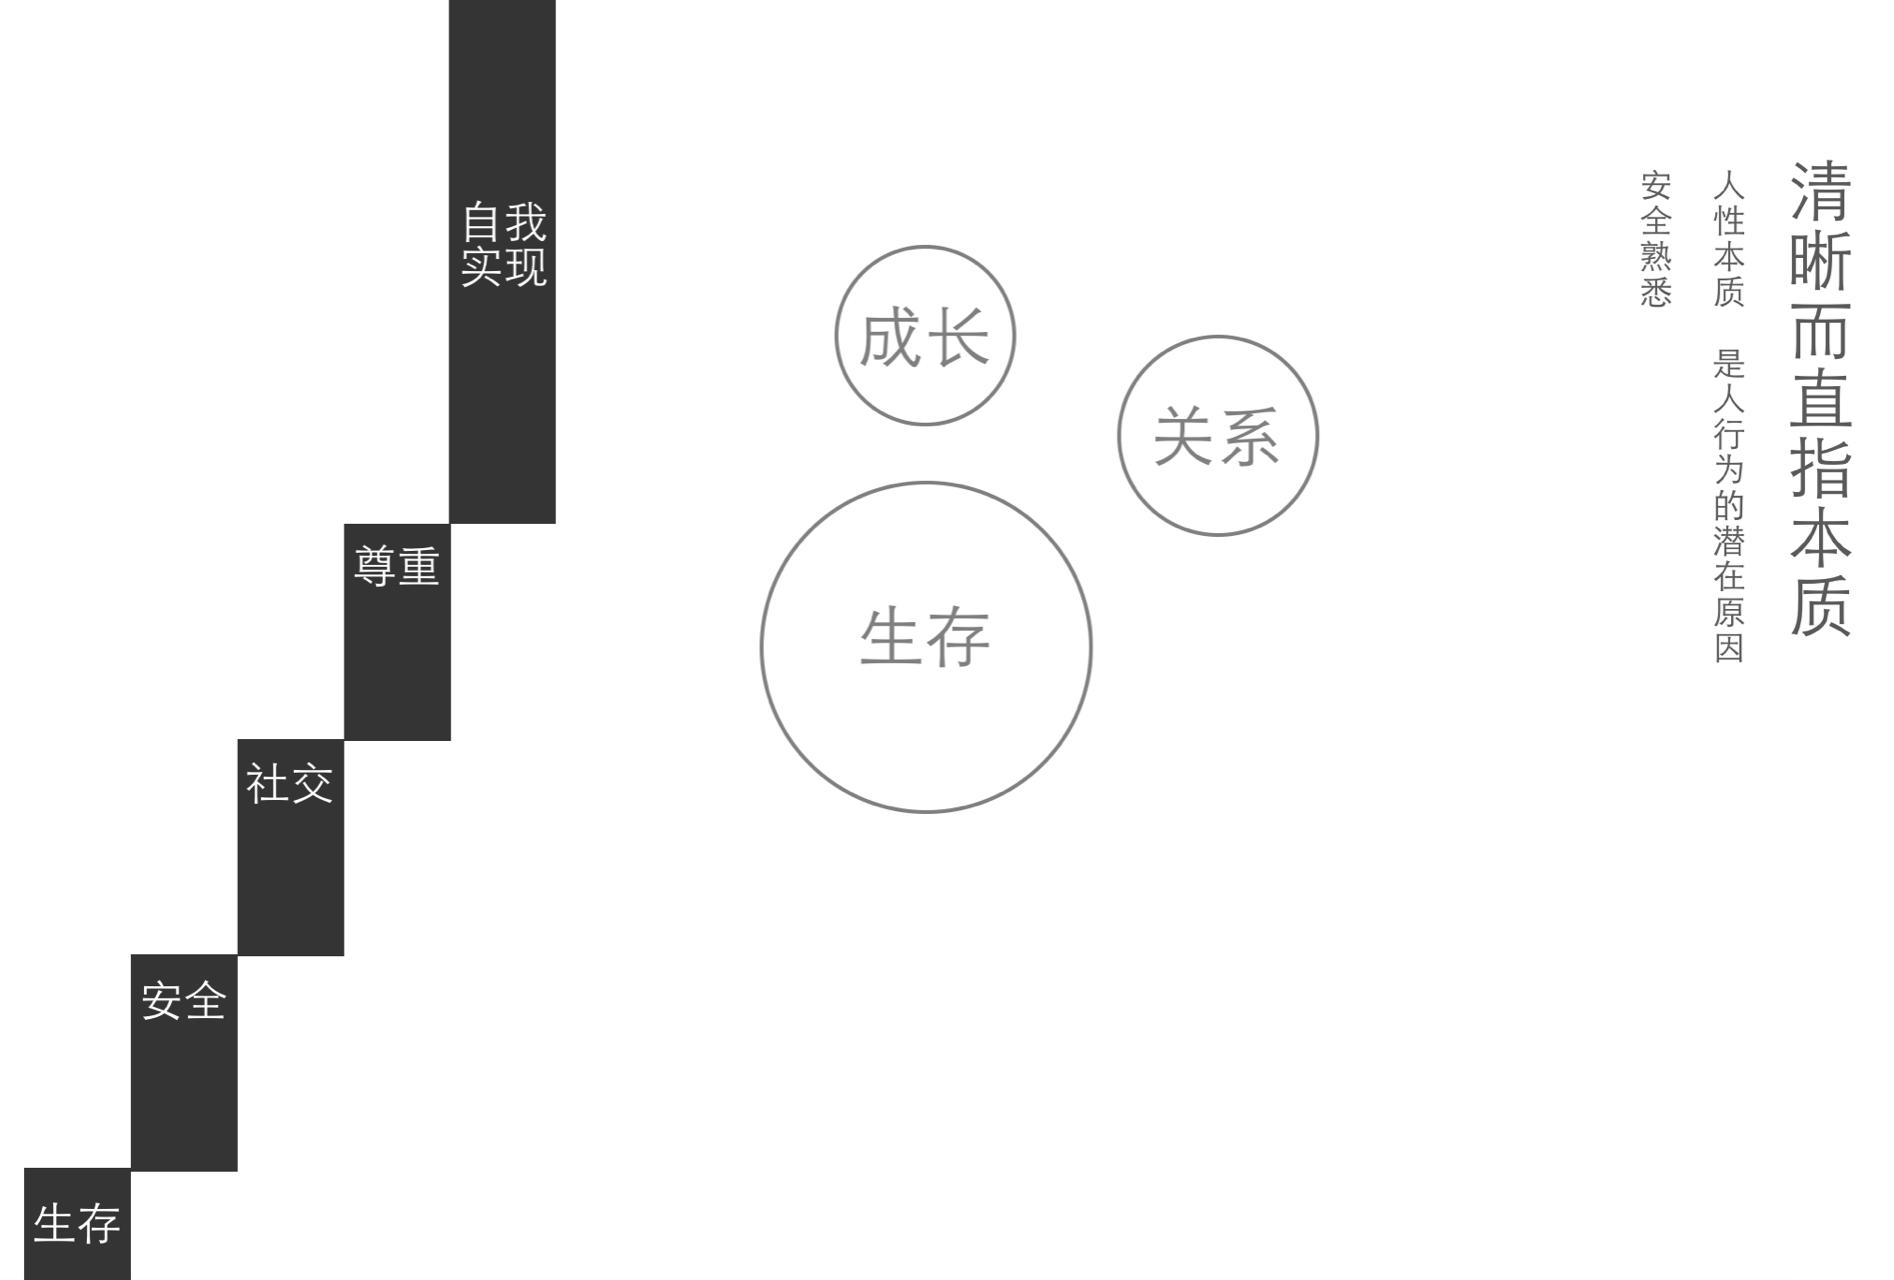 禅意设计之网络简洁设计的缘起和未来